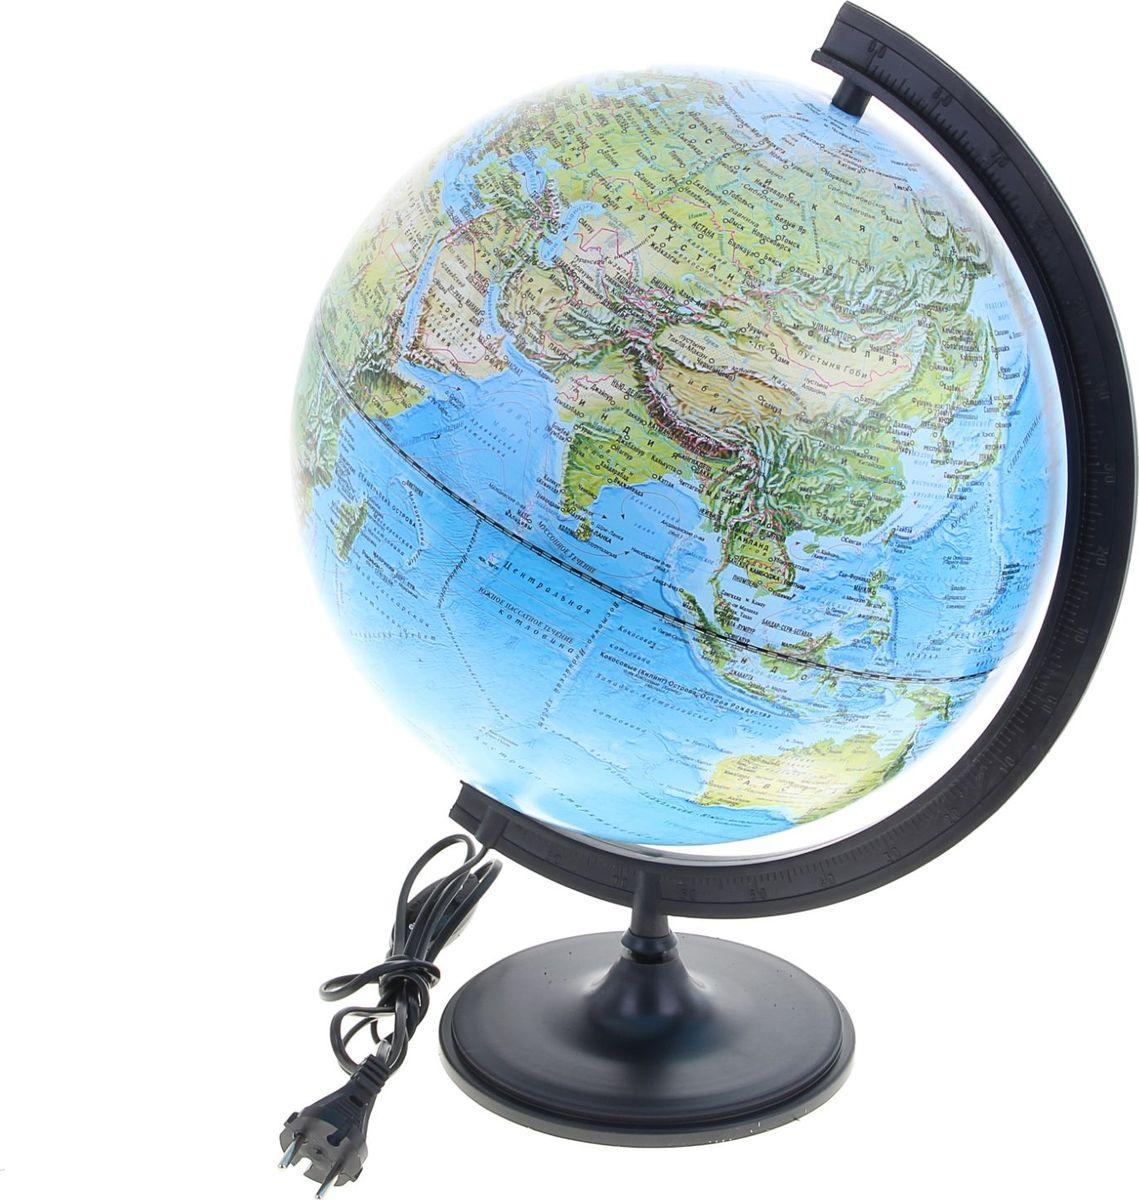 Глобусный мир Глобус ландшафтный с подсветкой диаметр 32 см -  Глобусы